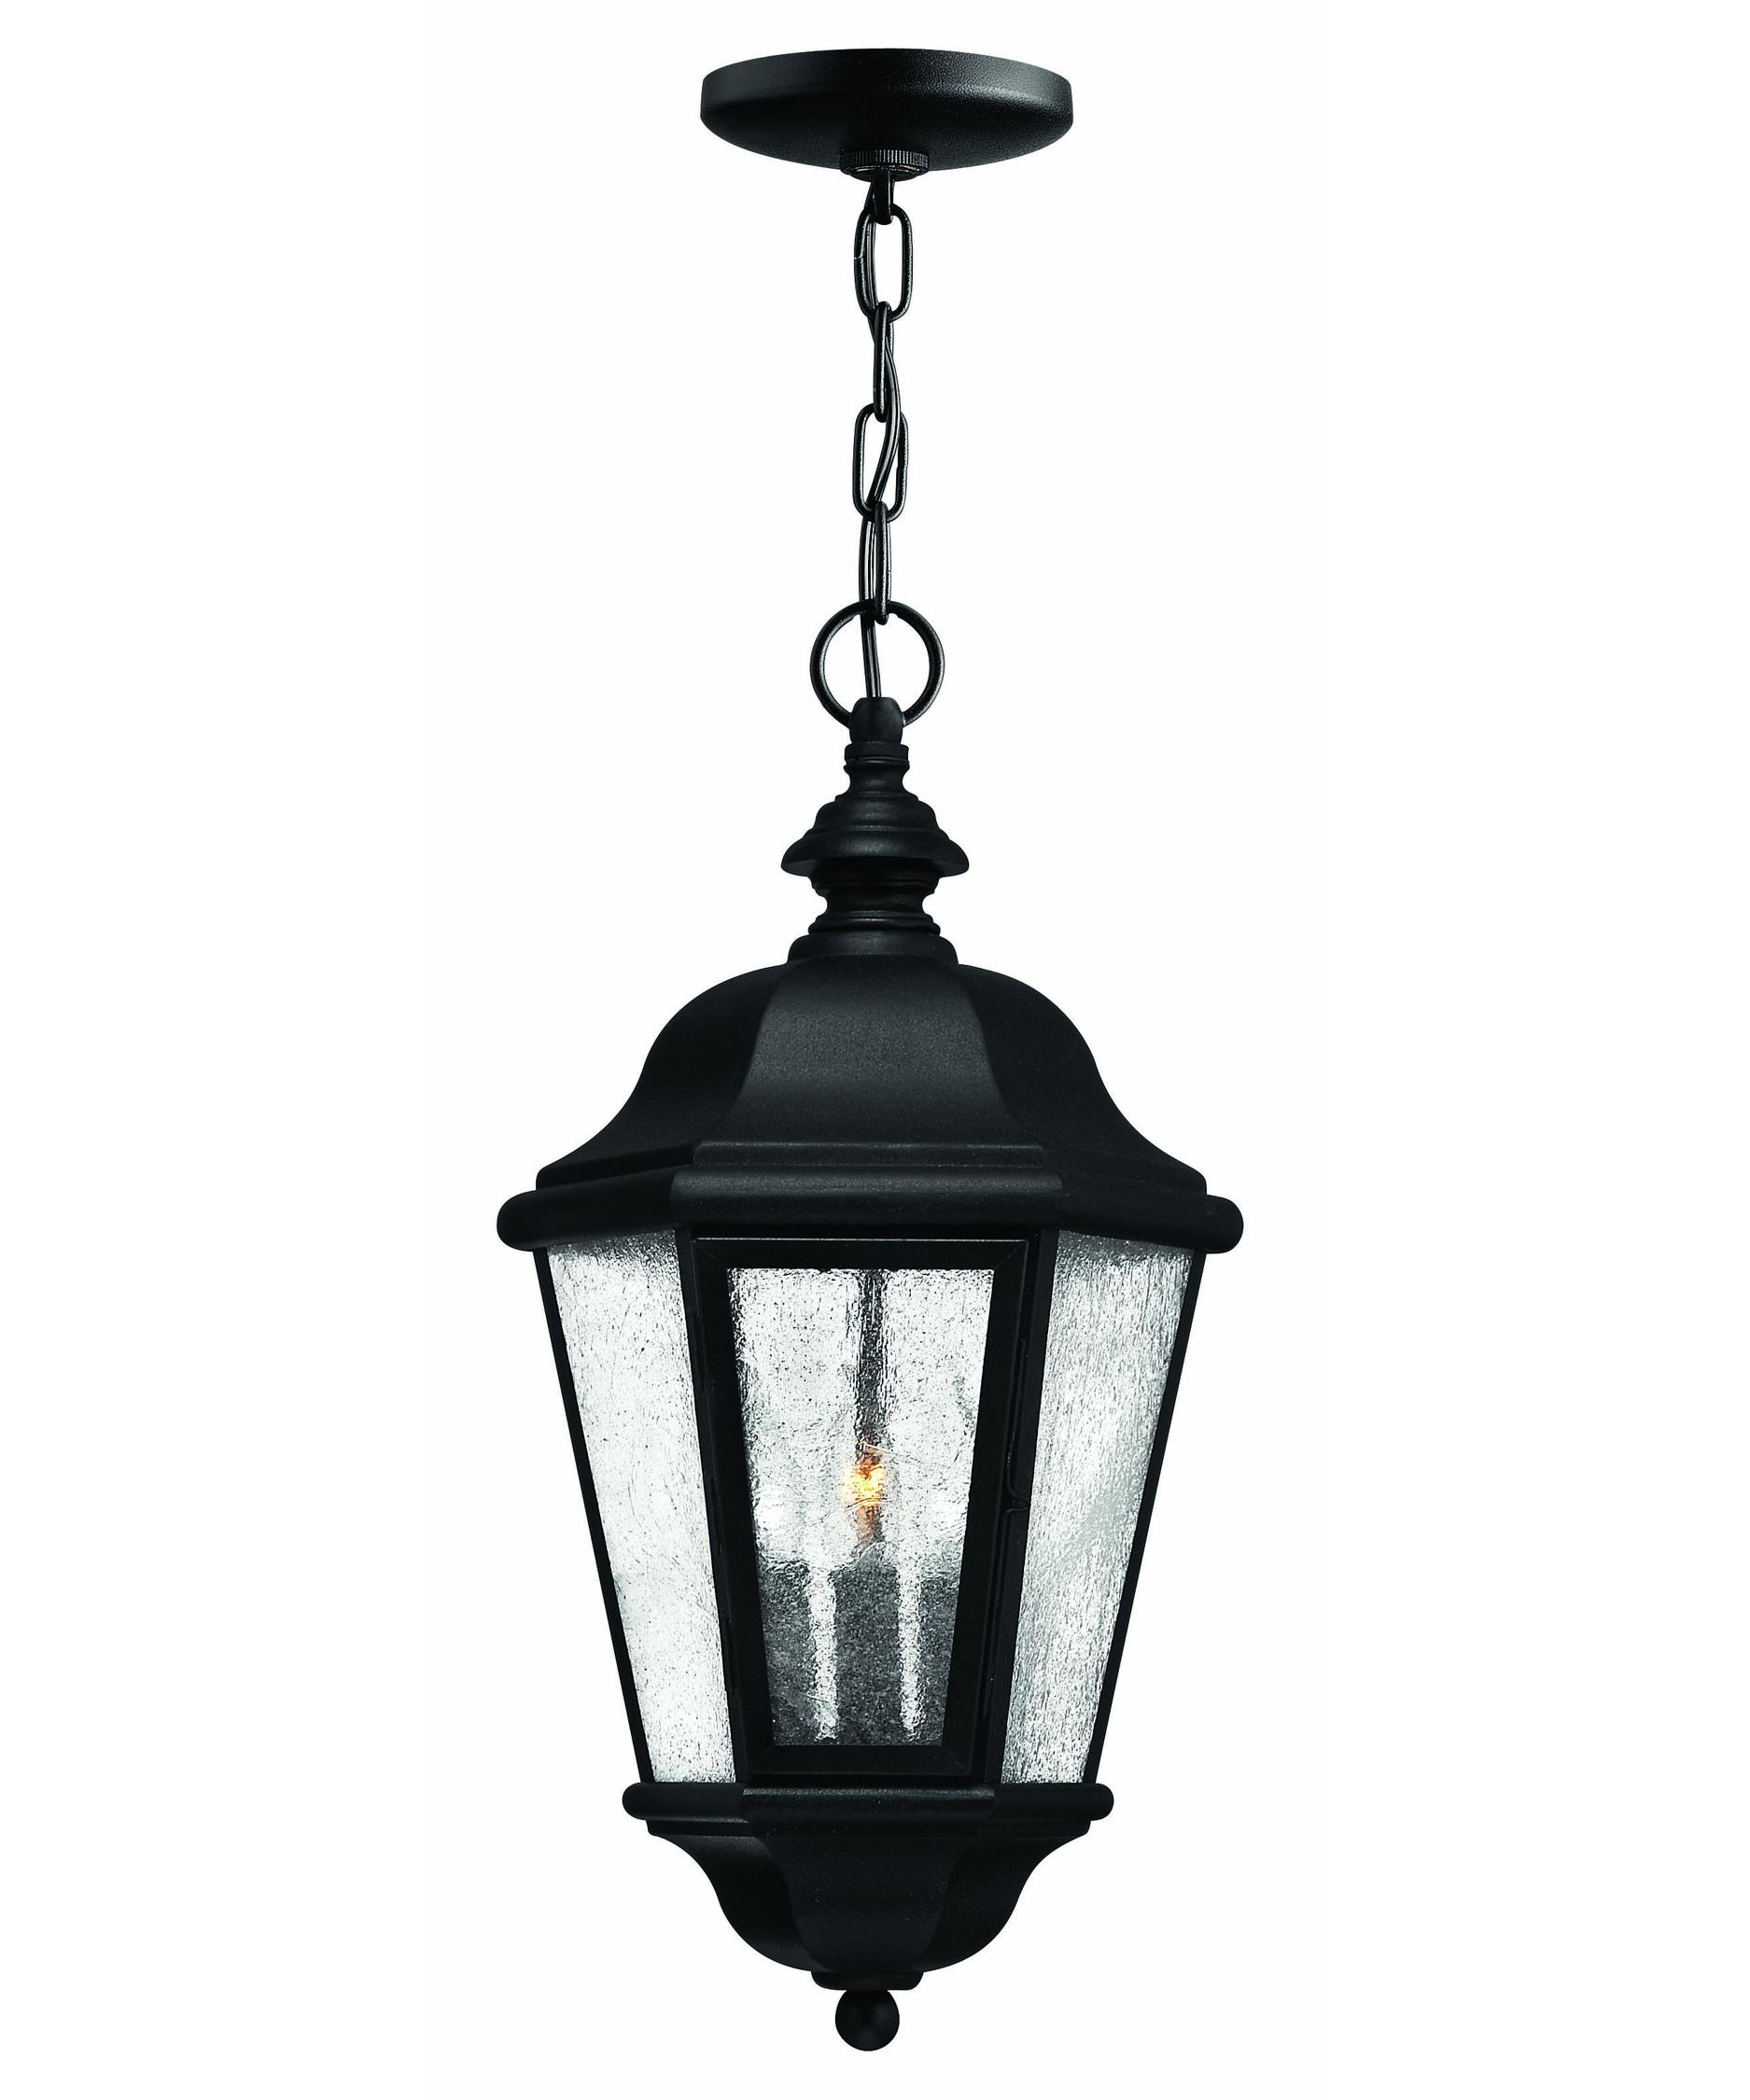 Current Outdoor Hanging Pendant Lights Regarding Hinkley Lighting 1672 Edgewater 10 Inch Wide 3 Light Outdoor Hanging (View 1 of 20)